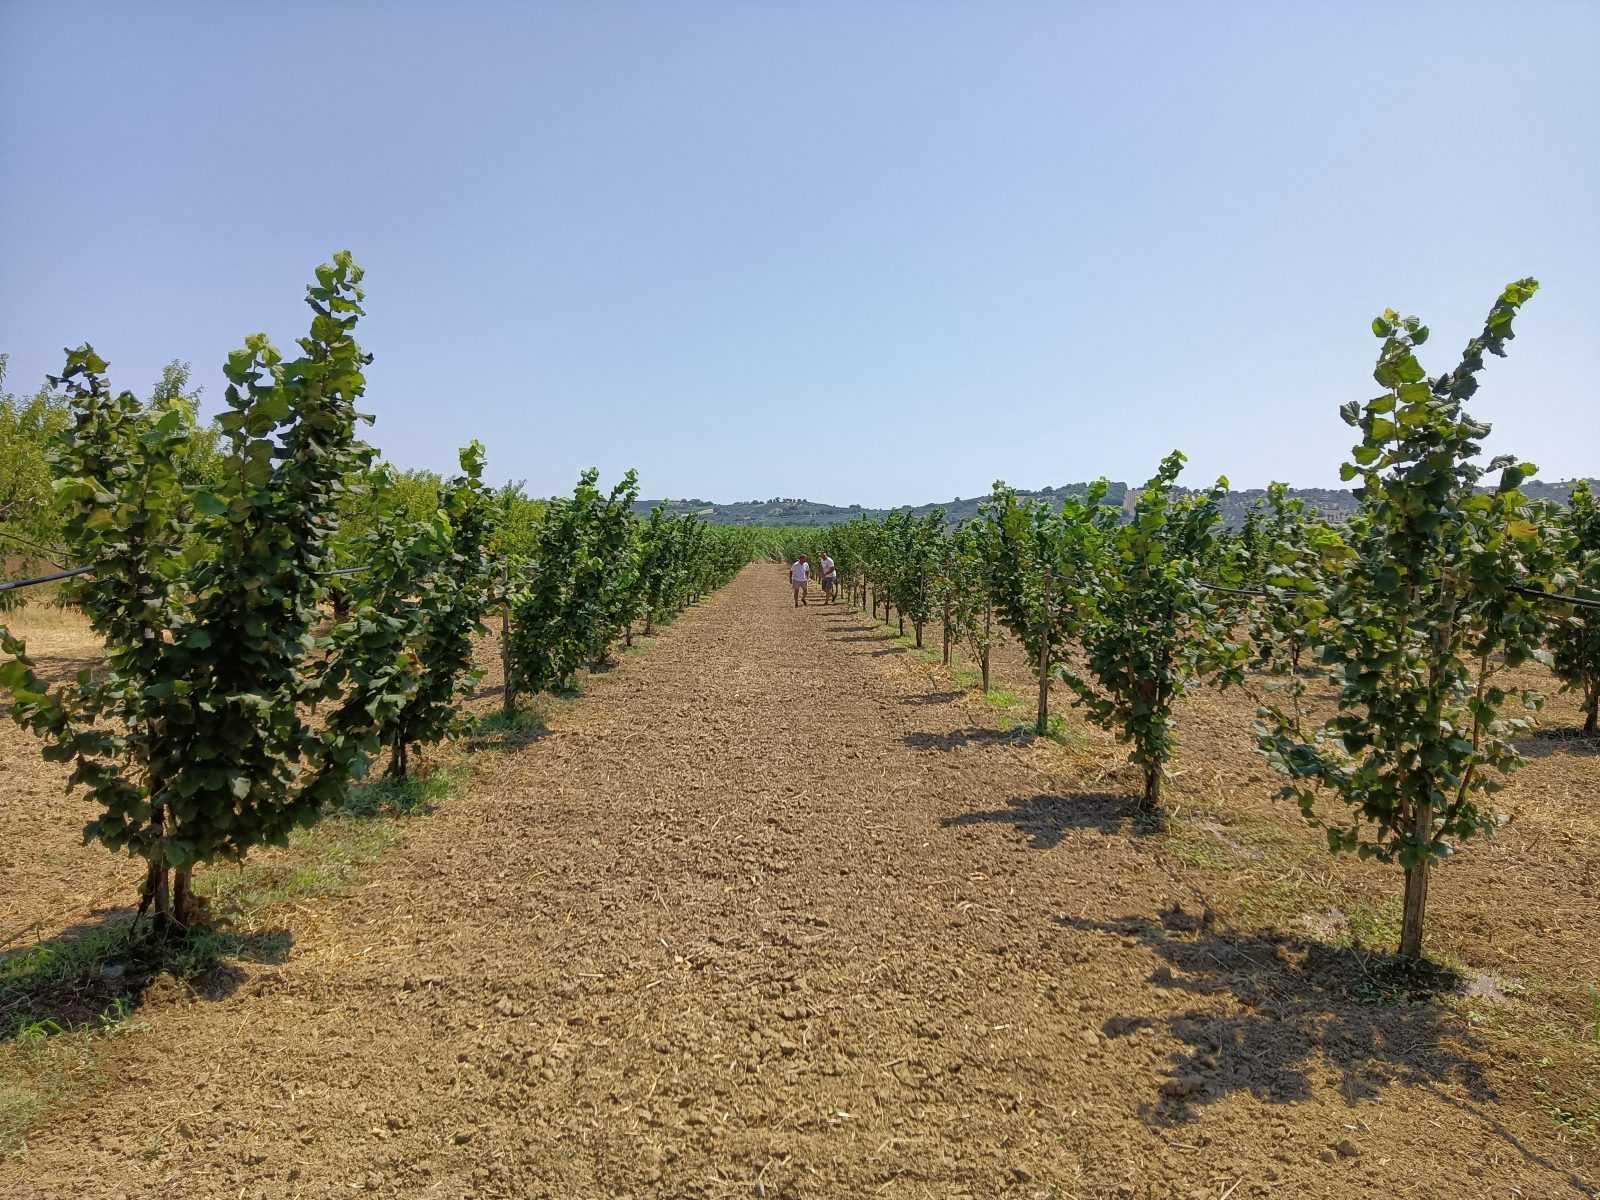 Le nocciole del teramano nella filiera della Nutella: si cercano terreni e agricoltori per le coltivazioni